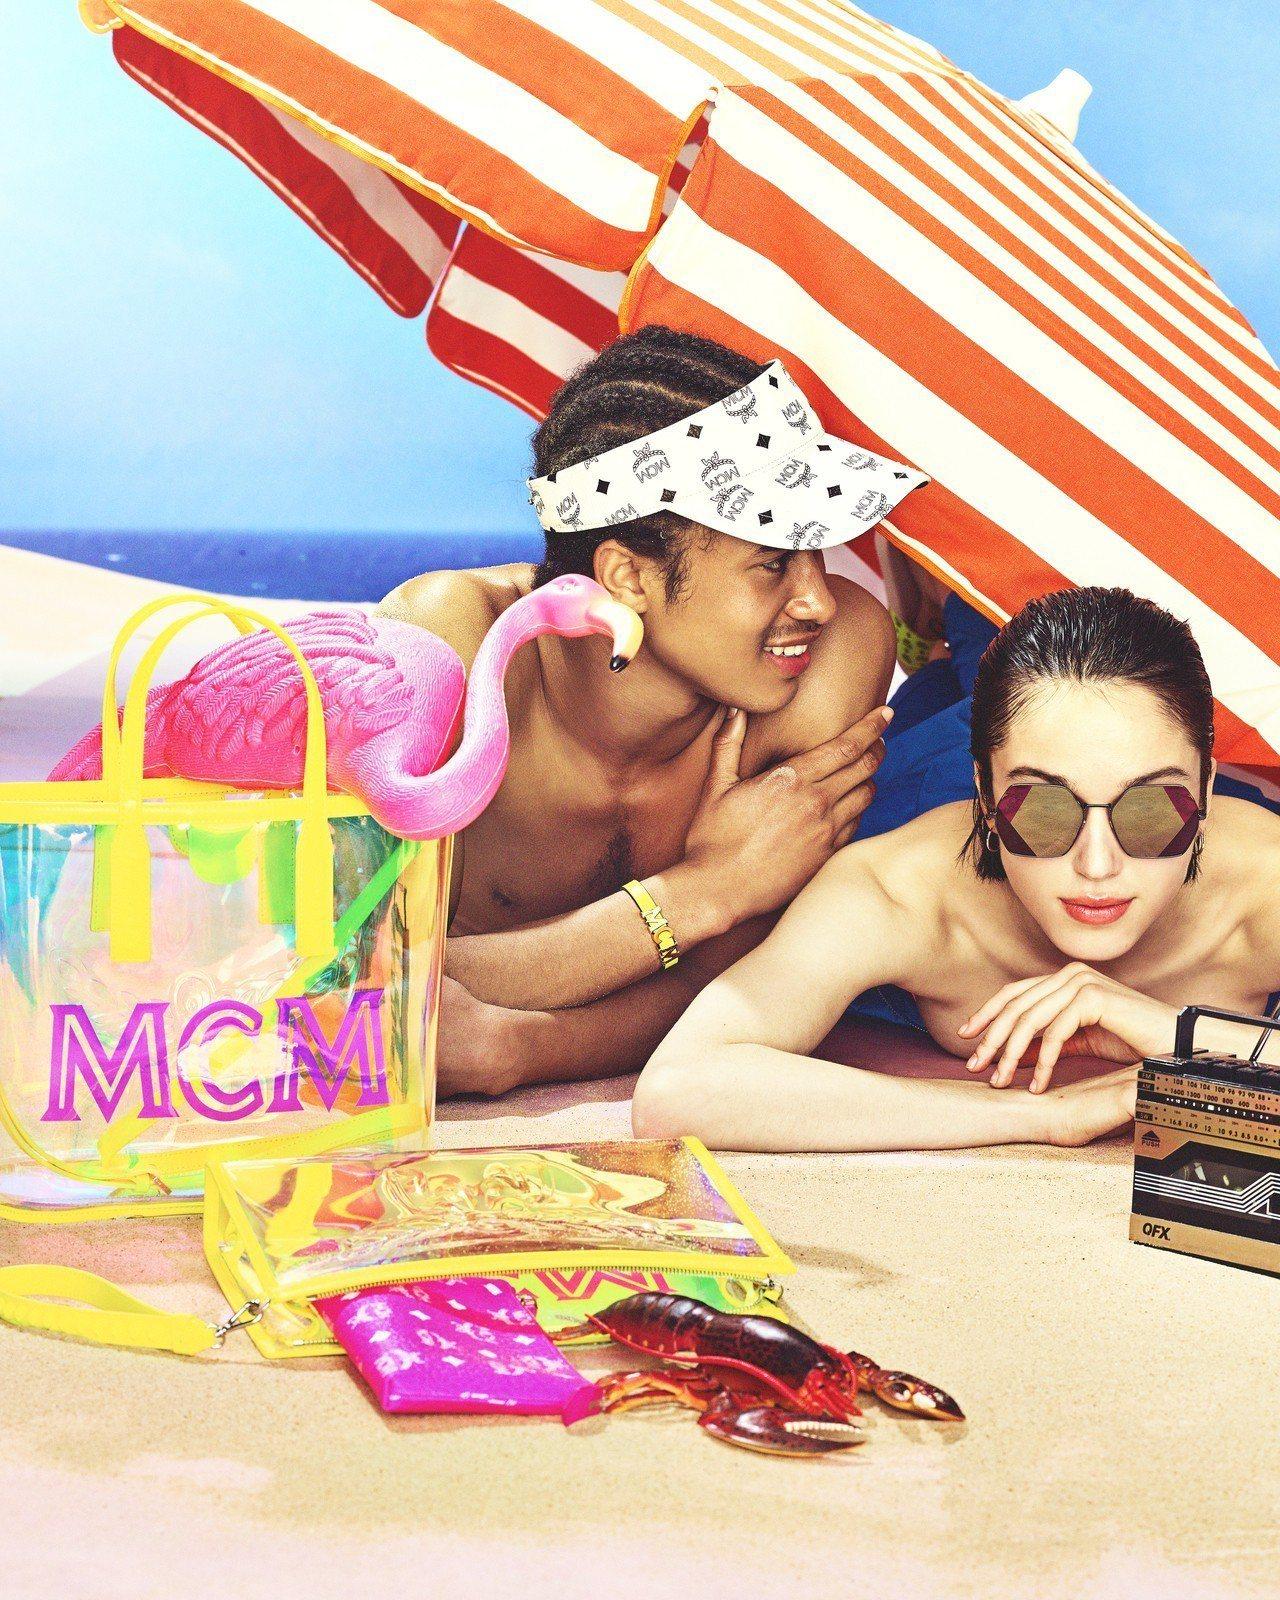 MCM(左起)FLO螢光黃小型托特包17,500元、FLO螢光黃手拿包價格店洽。...